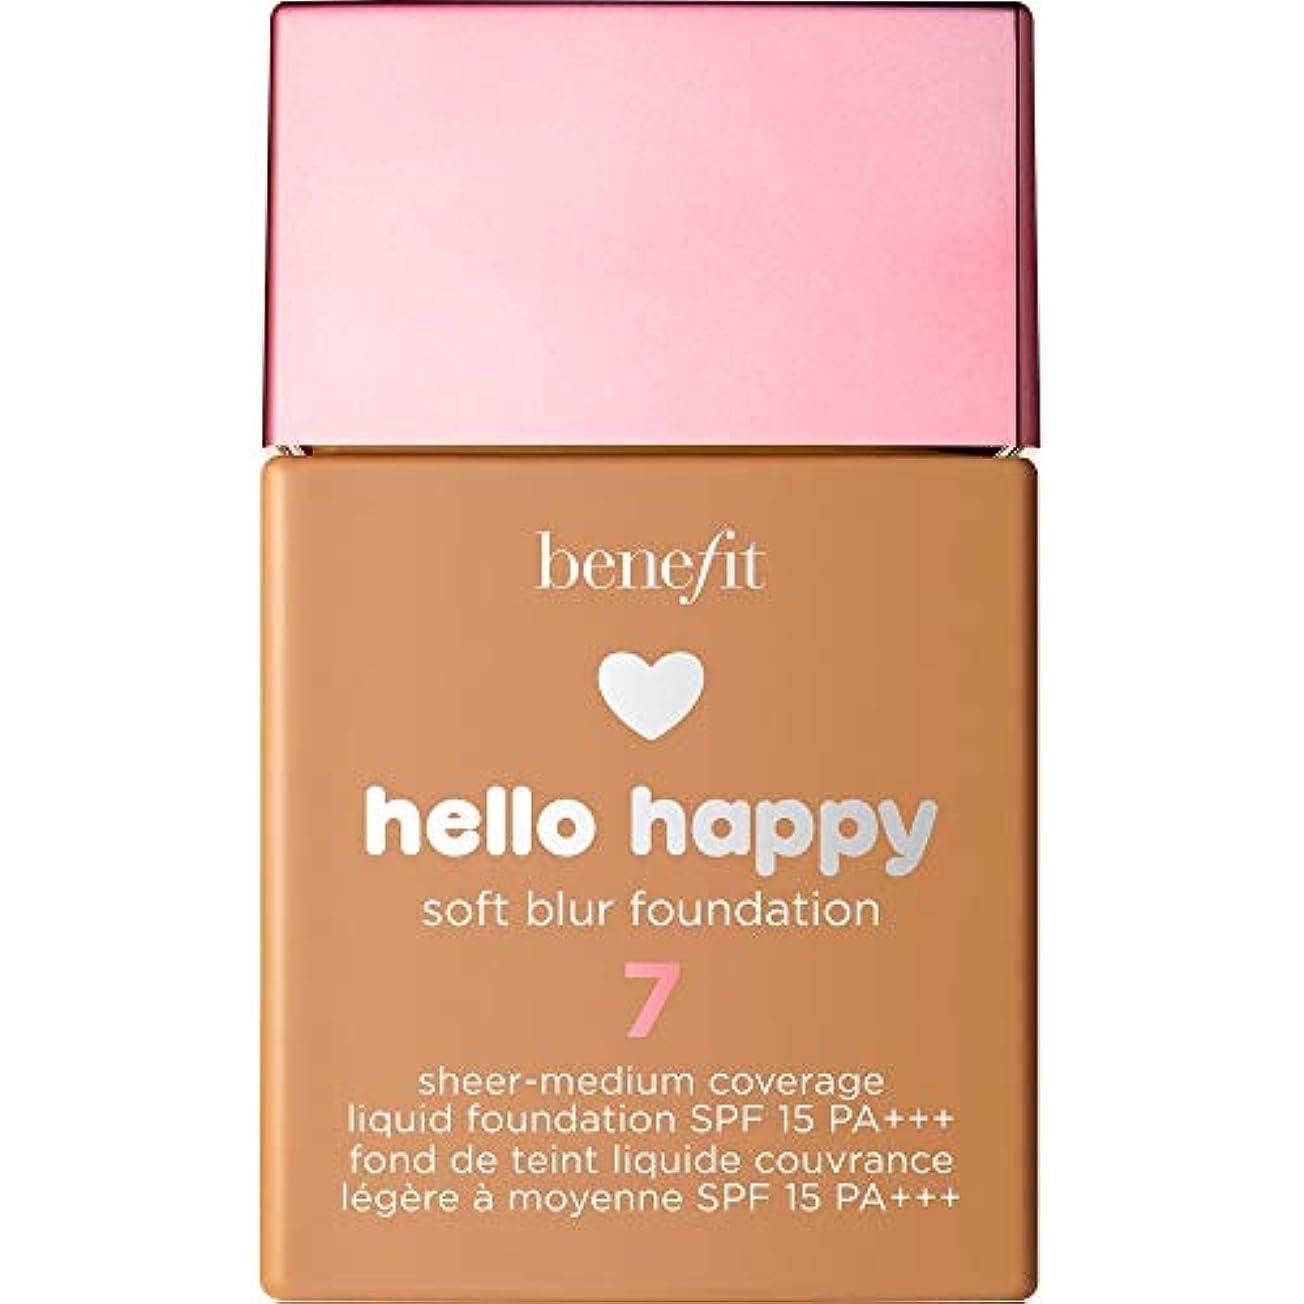 ロデオ衣服しばしば[Benefit ] 利益こんにちは幸せなソフトブラー基礎Spf15 30ミリリットル7 - 中規模たん暖かいです - Benefit Hello Happy Soft Blur Foundation SPF15 30ml...